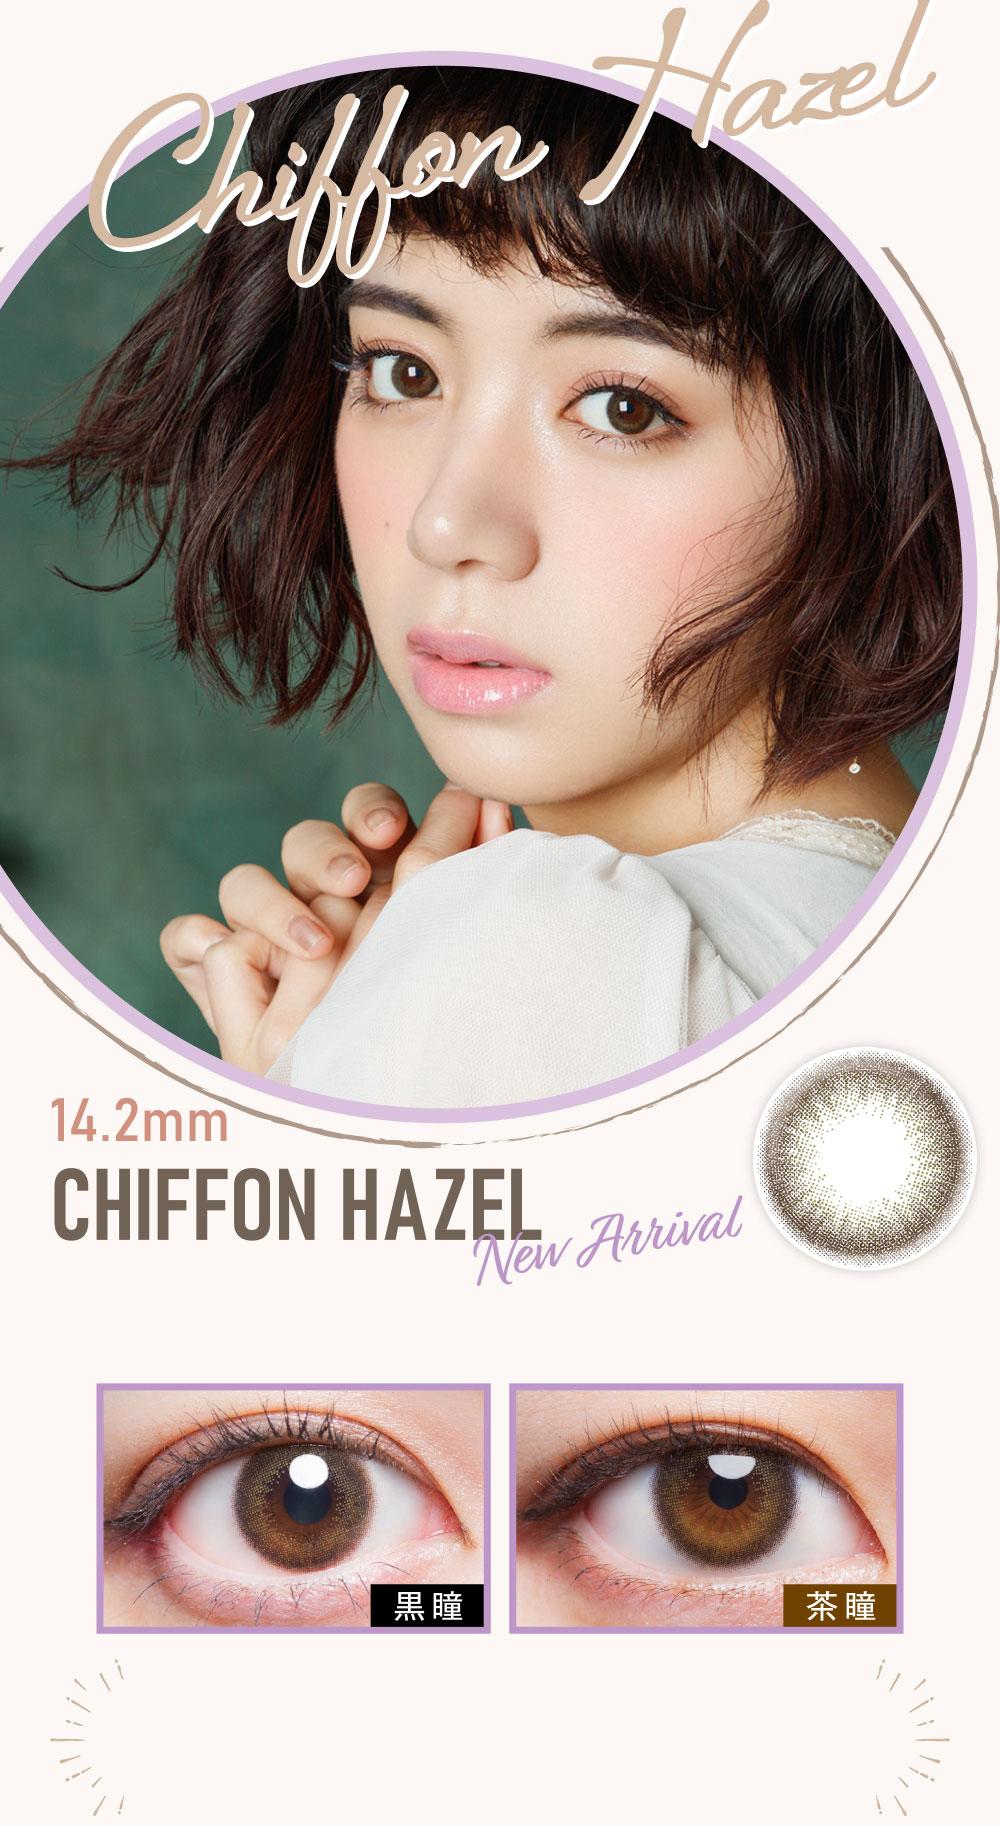 CHIFFON HAZEL